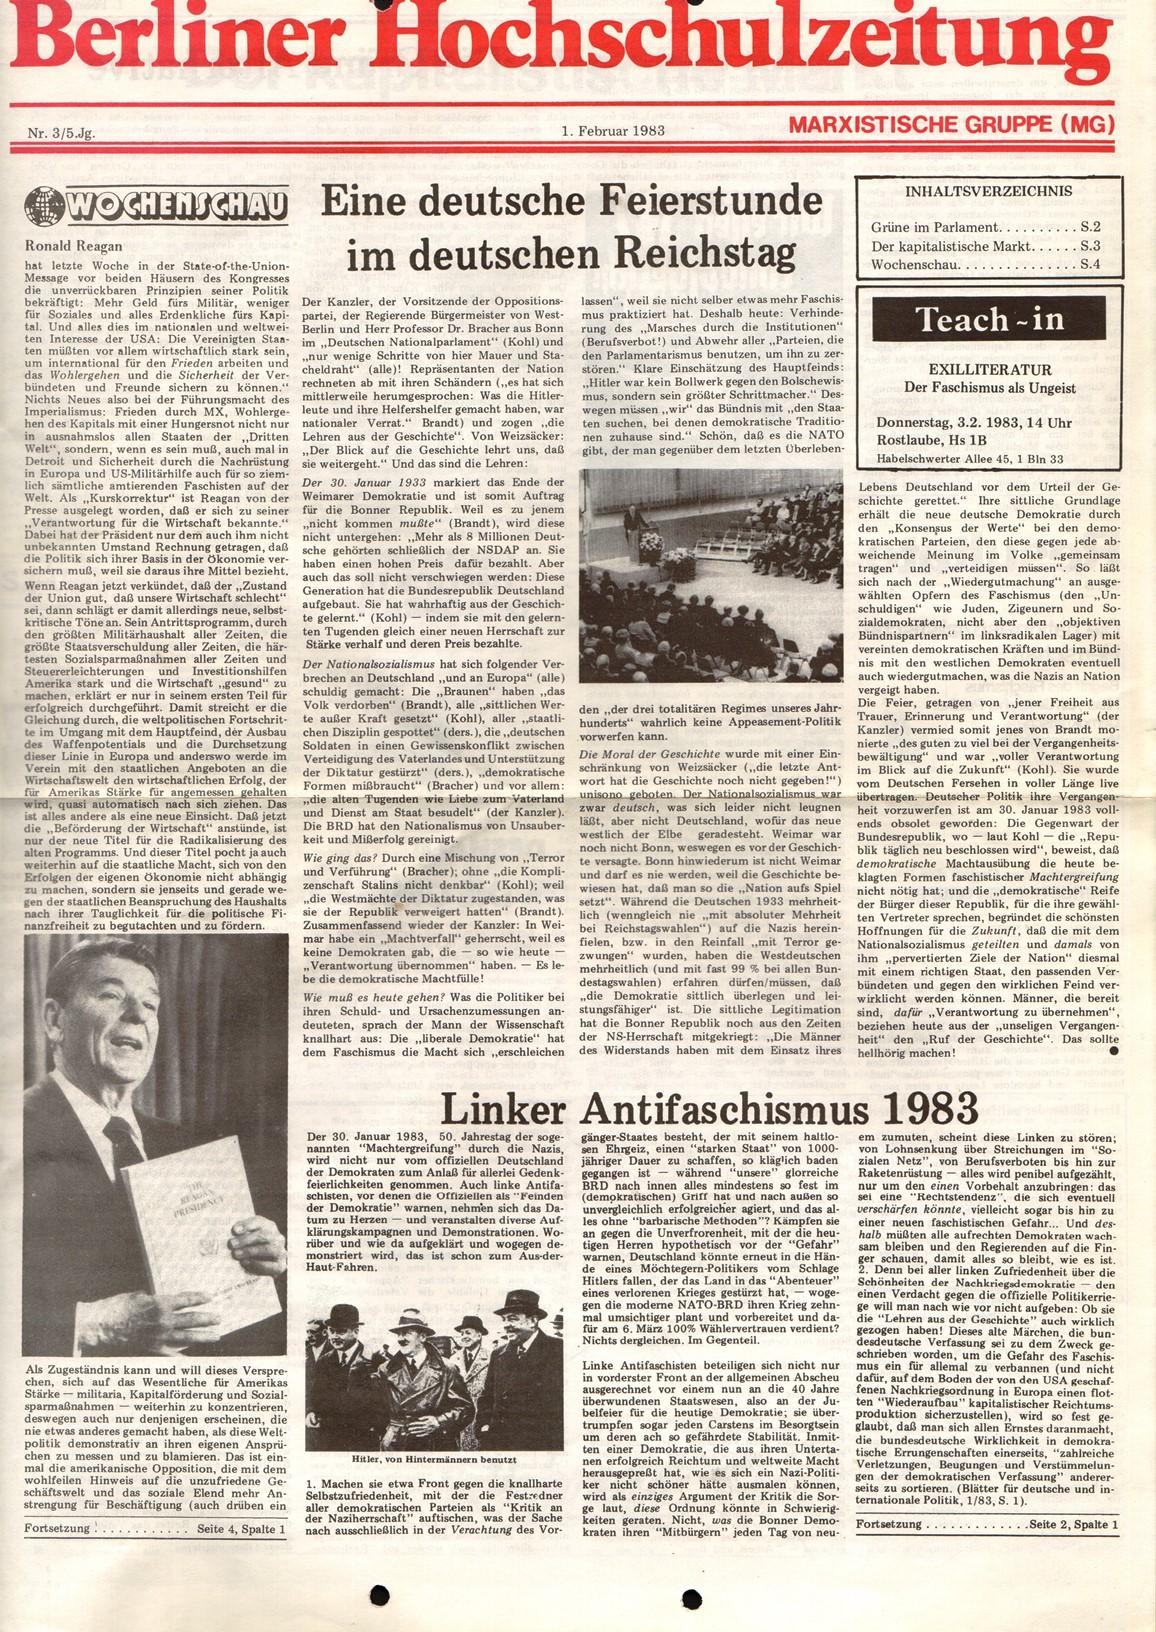 Berlin_MG_Hochschulzeitung_19830201_01